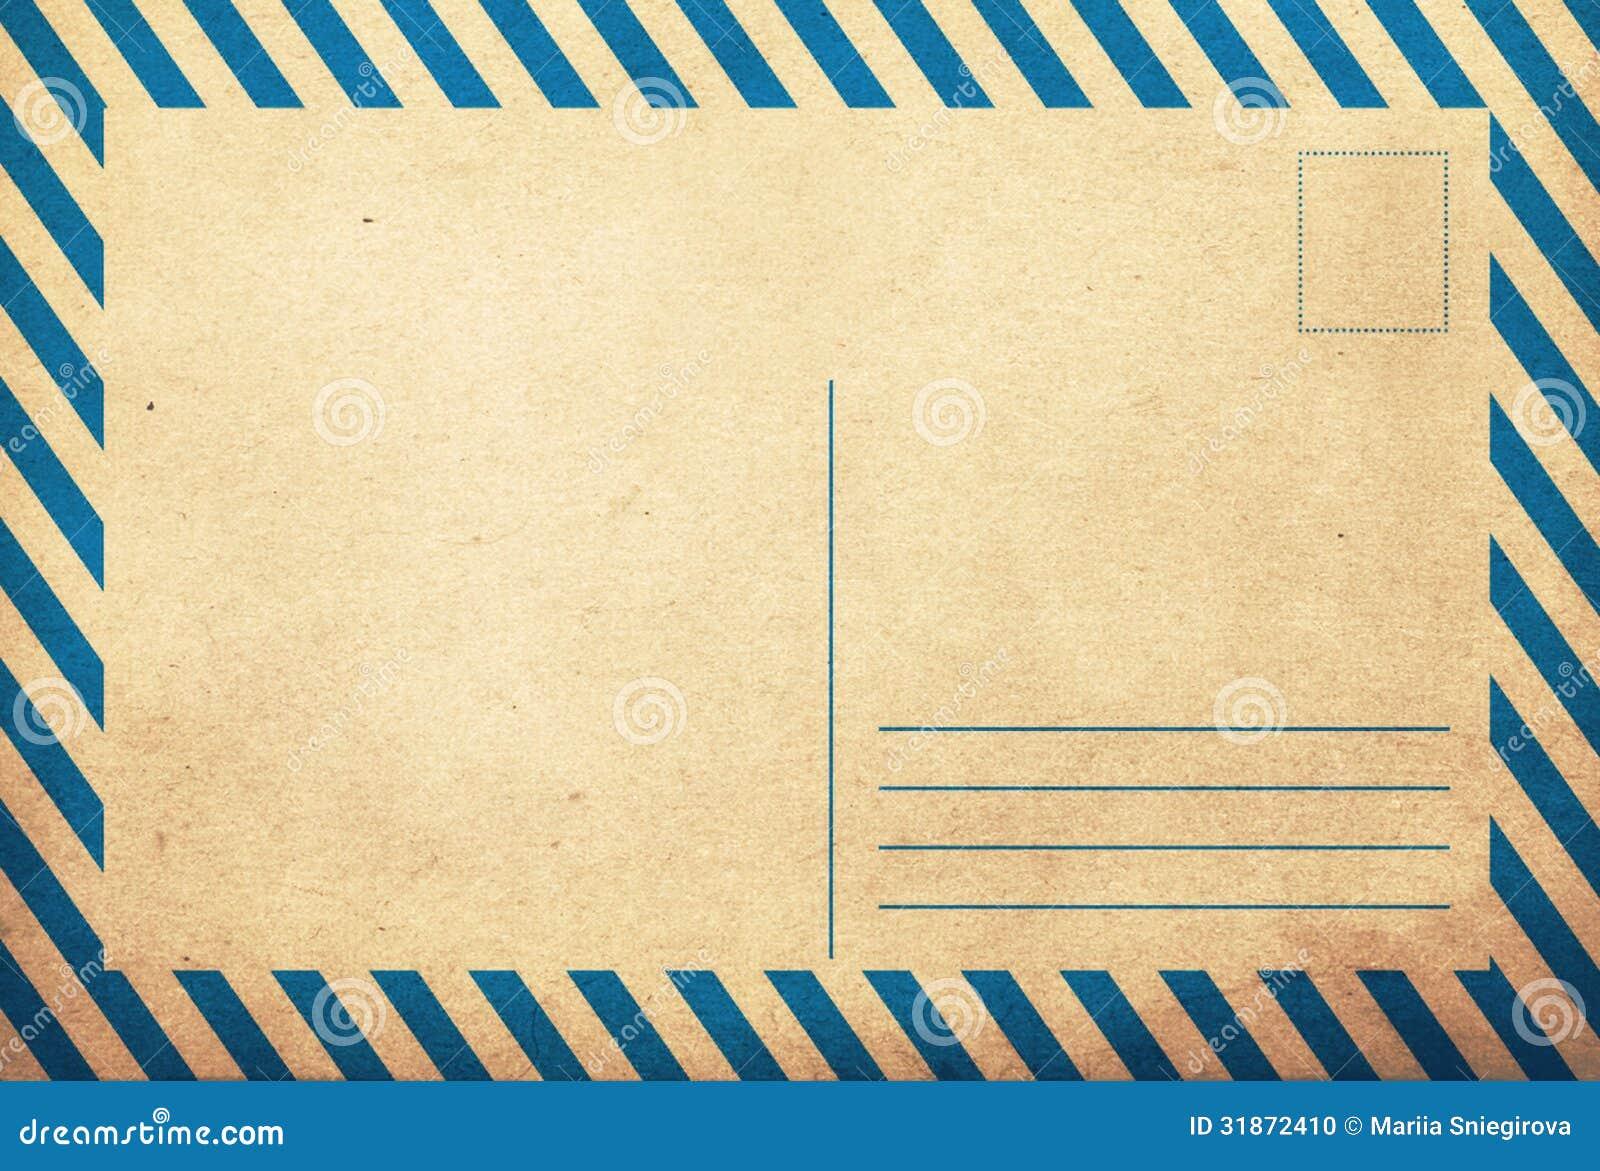 dos grunge de carte postale de vieux vintage photo stock image du beige illustration 31872410. Black Bedroom Furniture Sets. Home Design Ideas